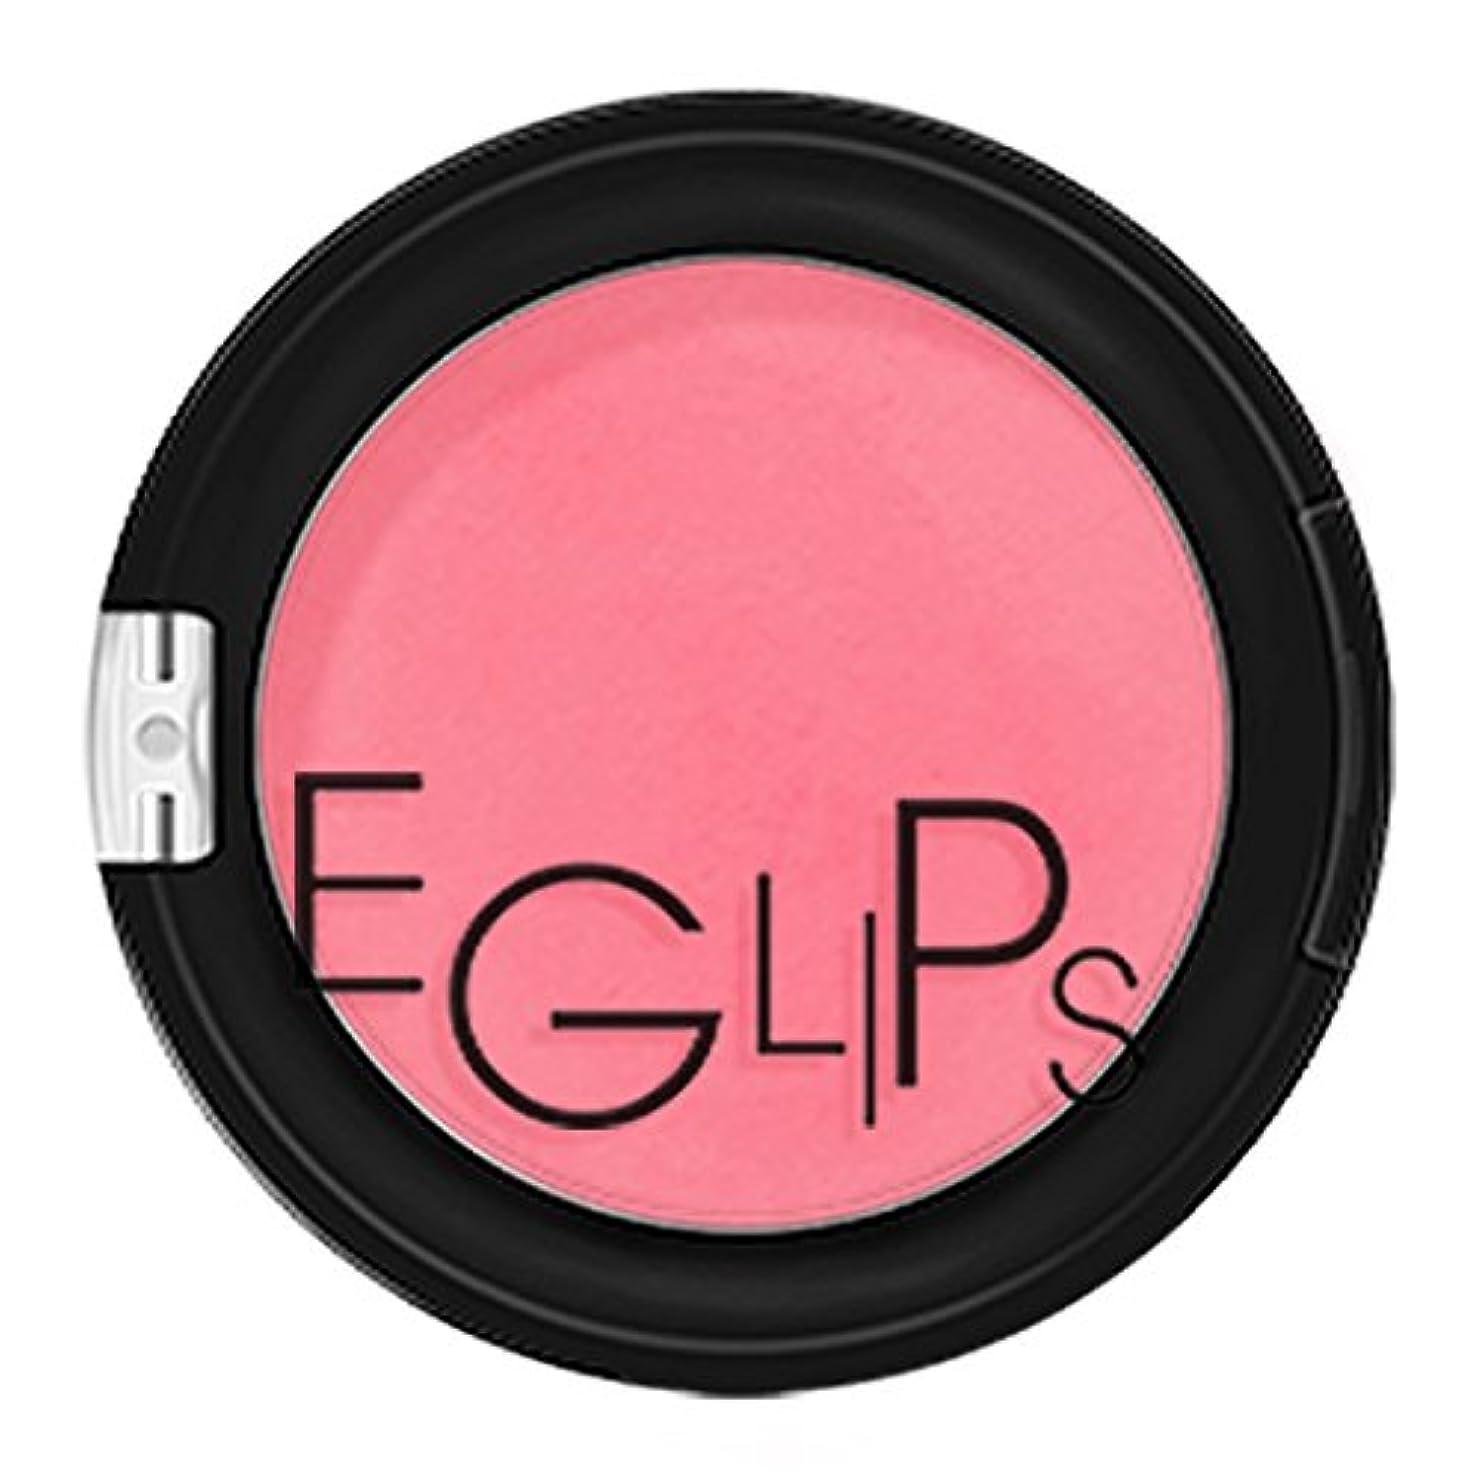 ストレージストレージ大学院EGLIPS(イーグリップス)アップルフィットブラッシャー 02 セクシーローズ 4g